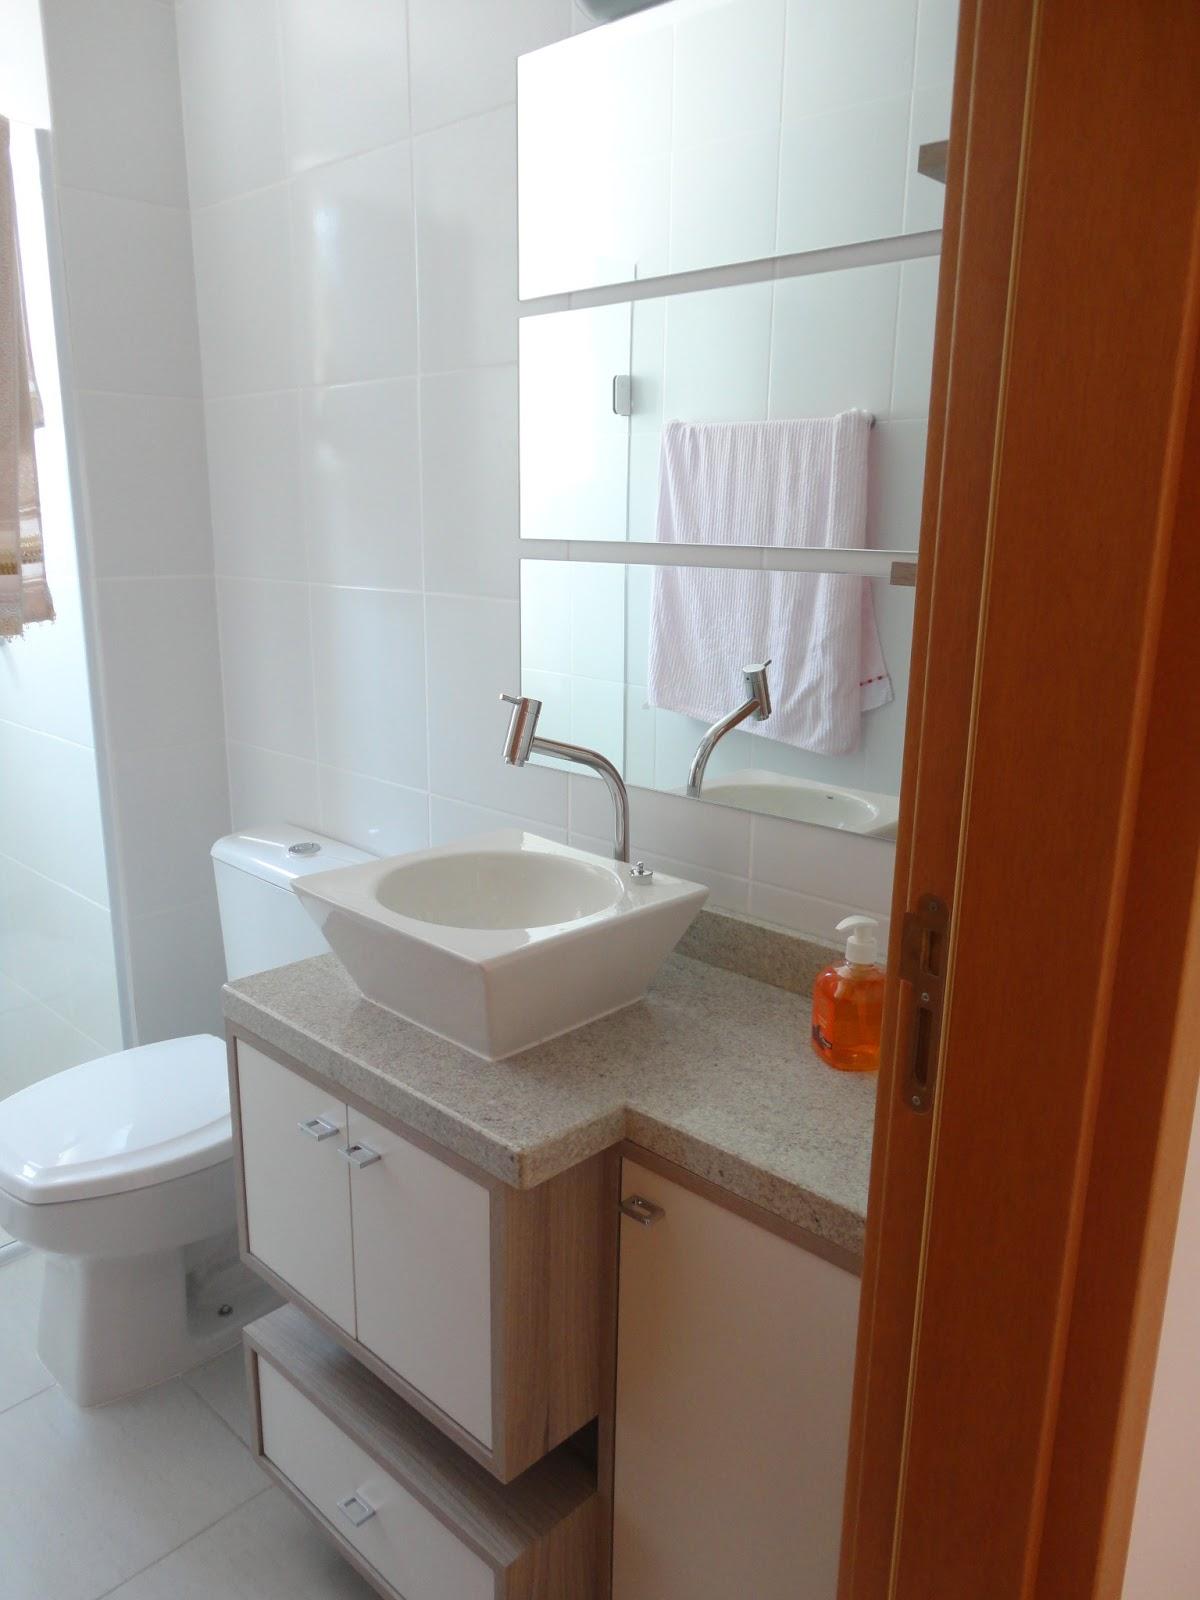 Chá de Casa Nova: Banheiro pequeno #672C10 1200 1600